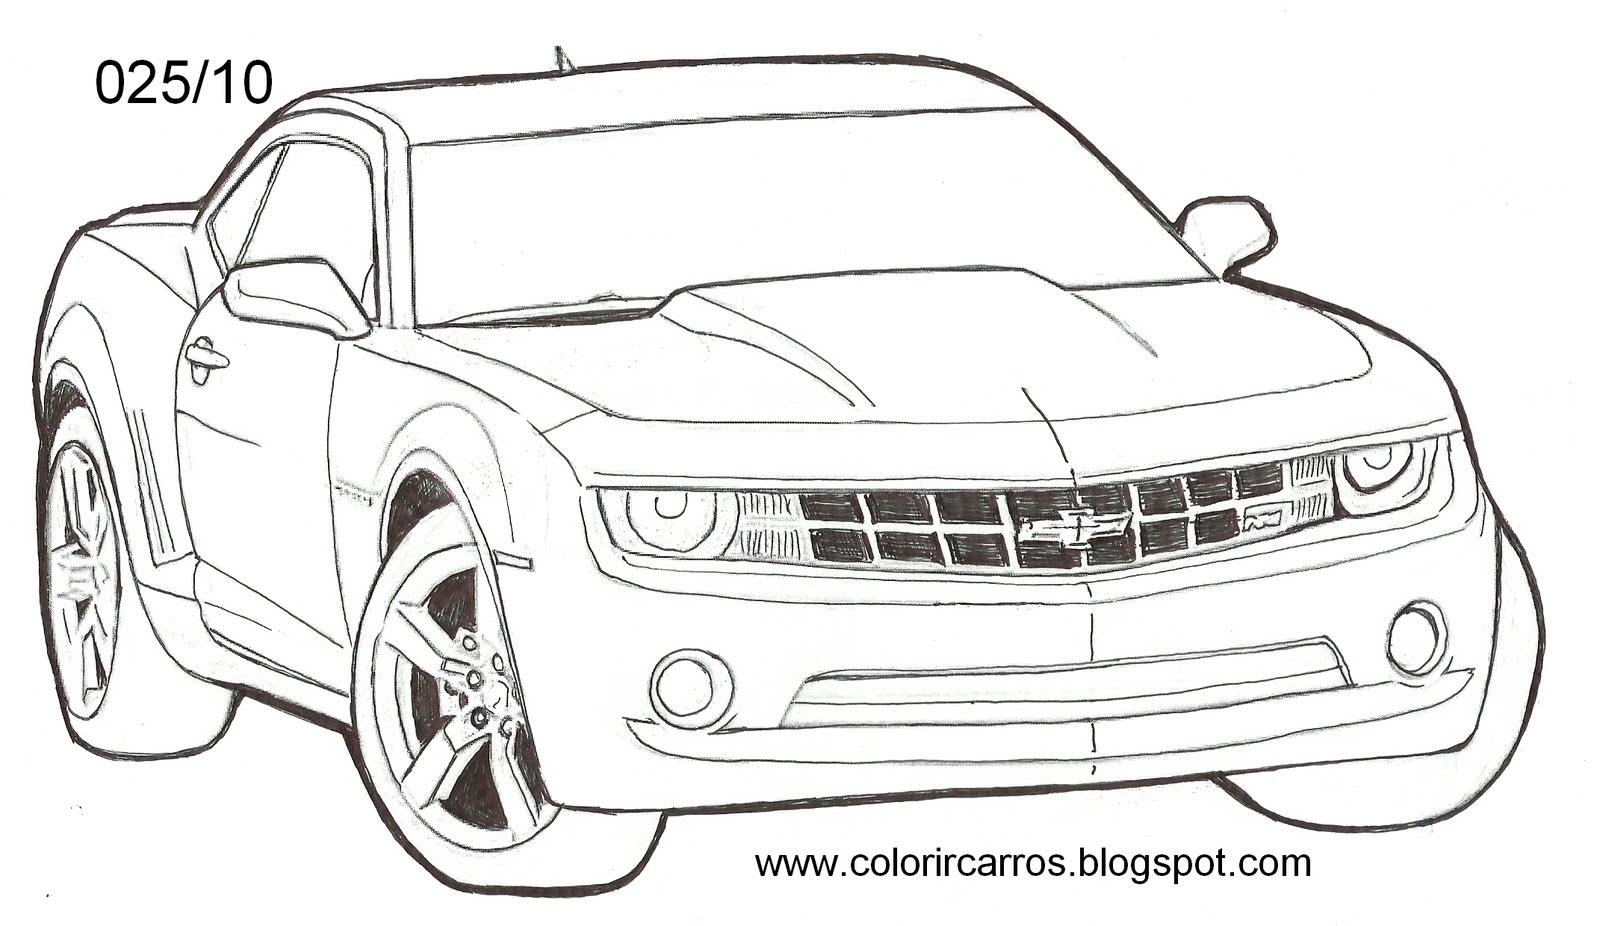 imagens para colorir de carro com paredao